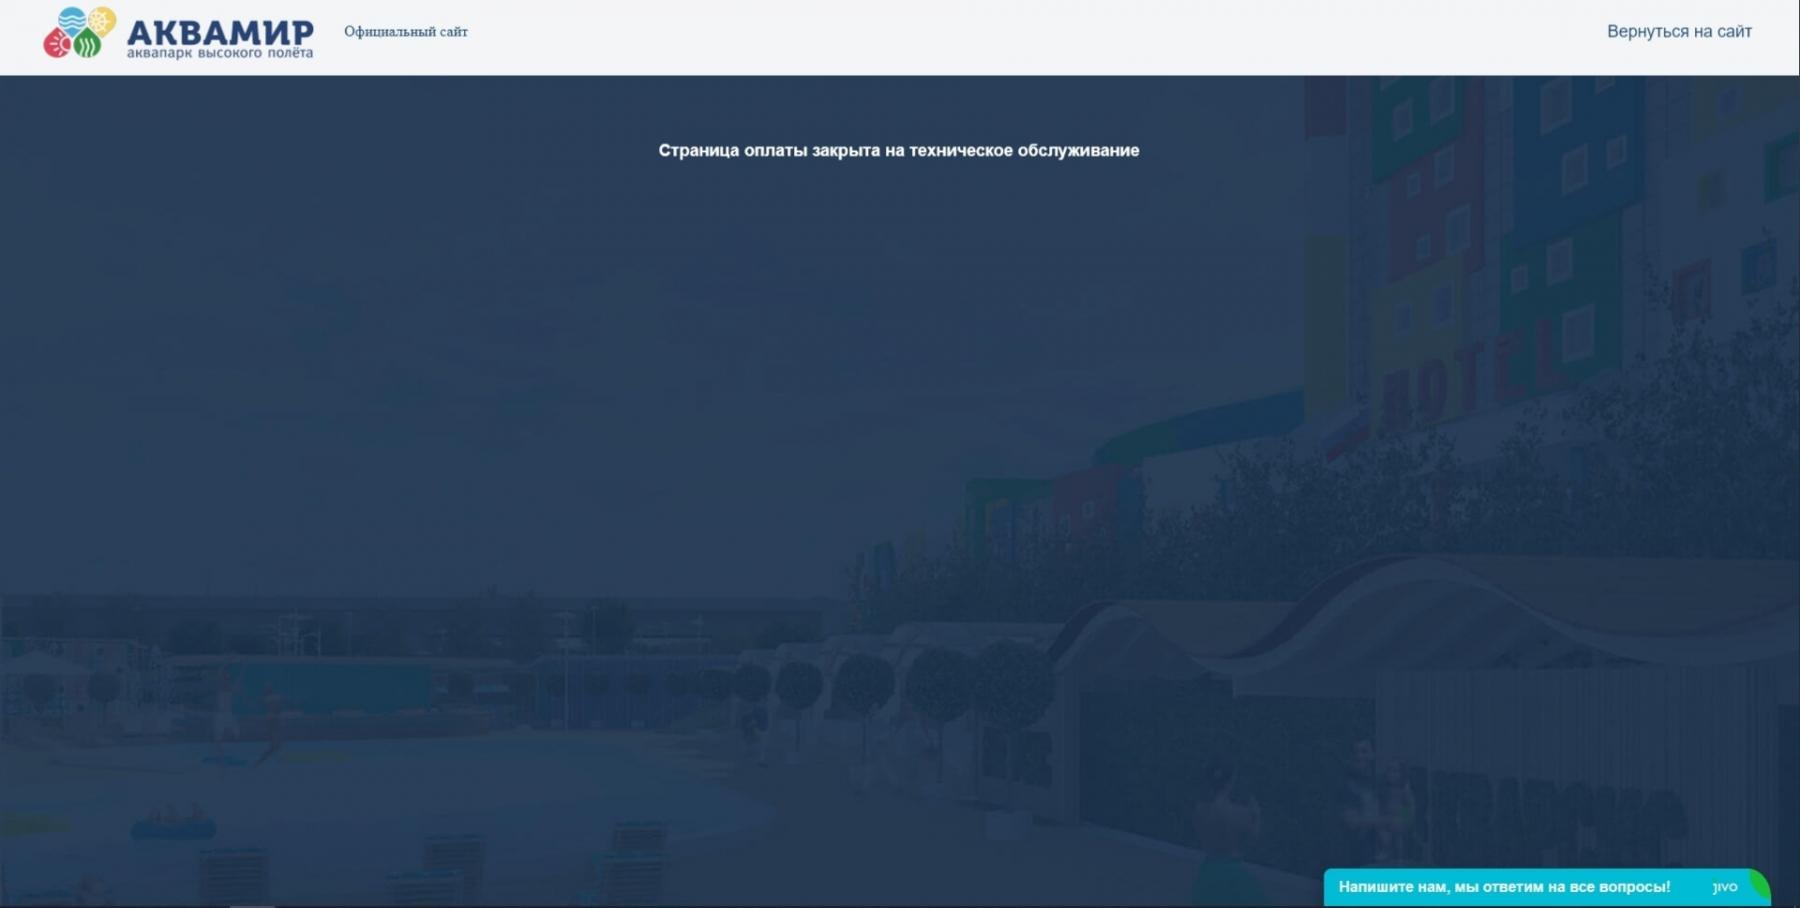 фото Штурм и оборона аквапарка в Новосибирске: чем закончился первый скандал января 4